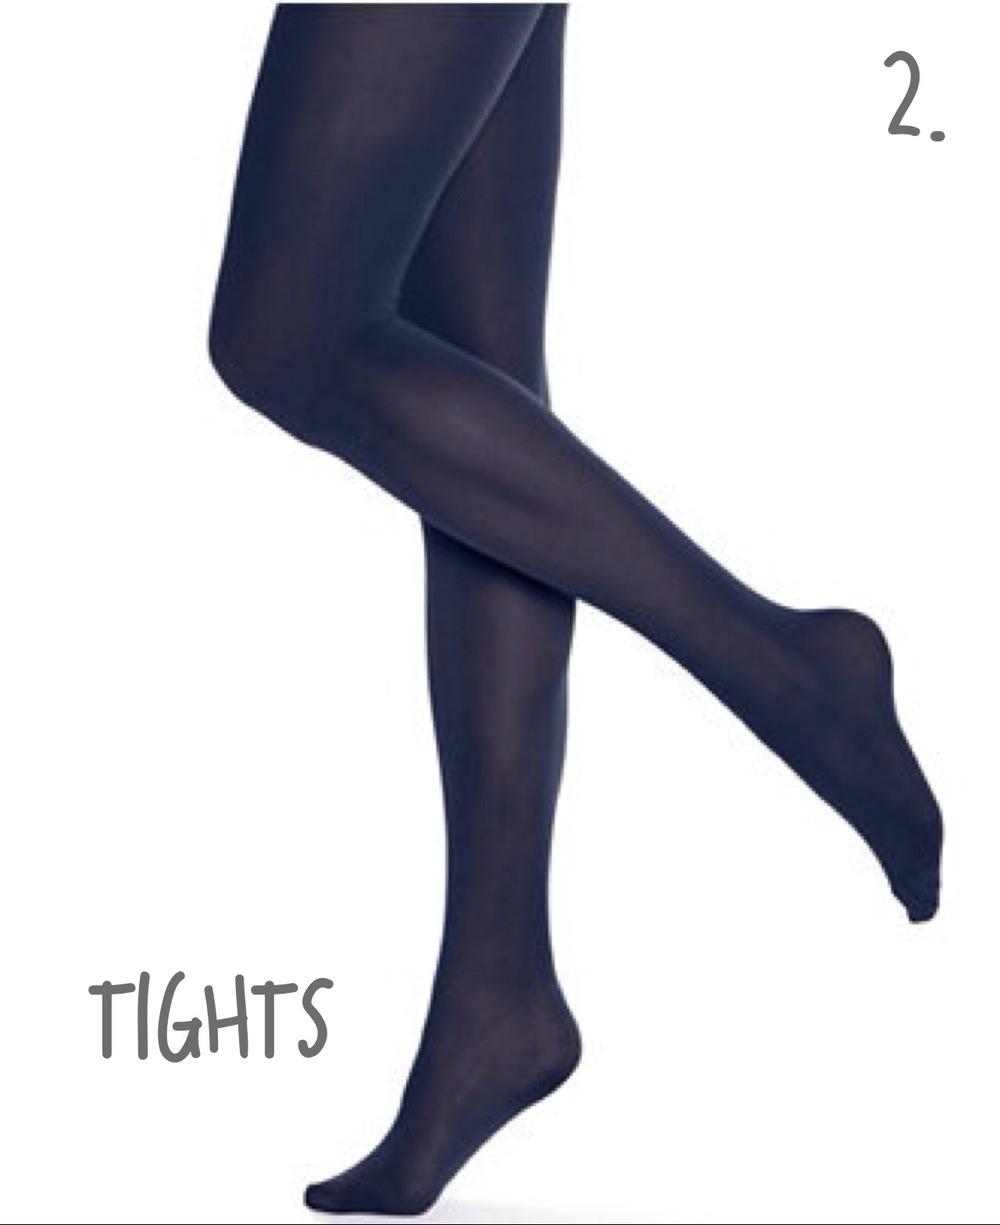 macys_tights